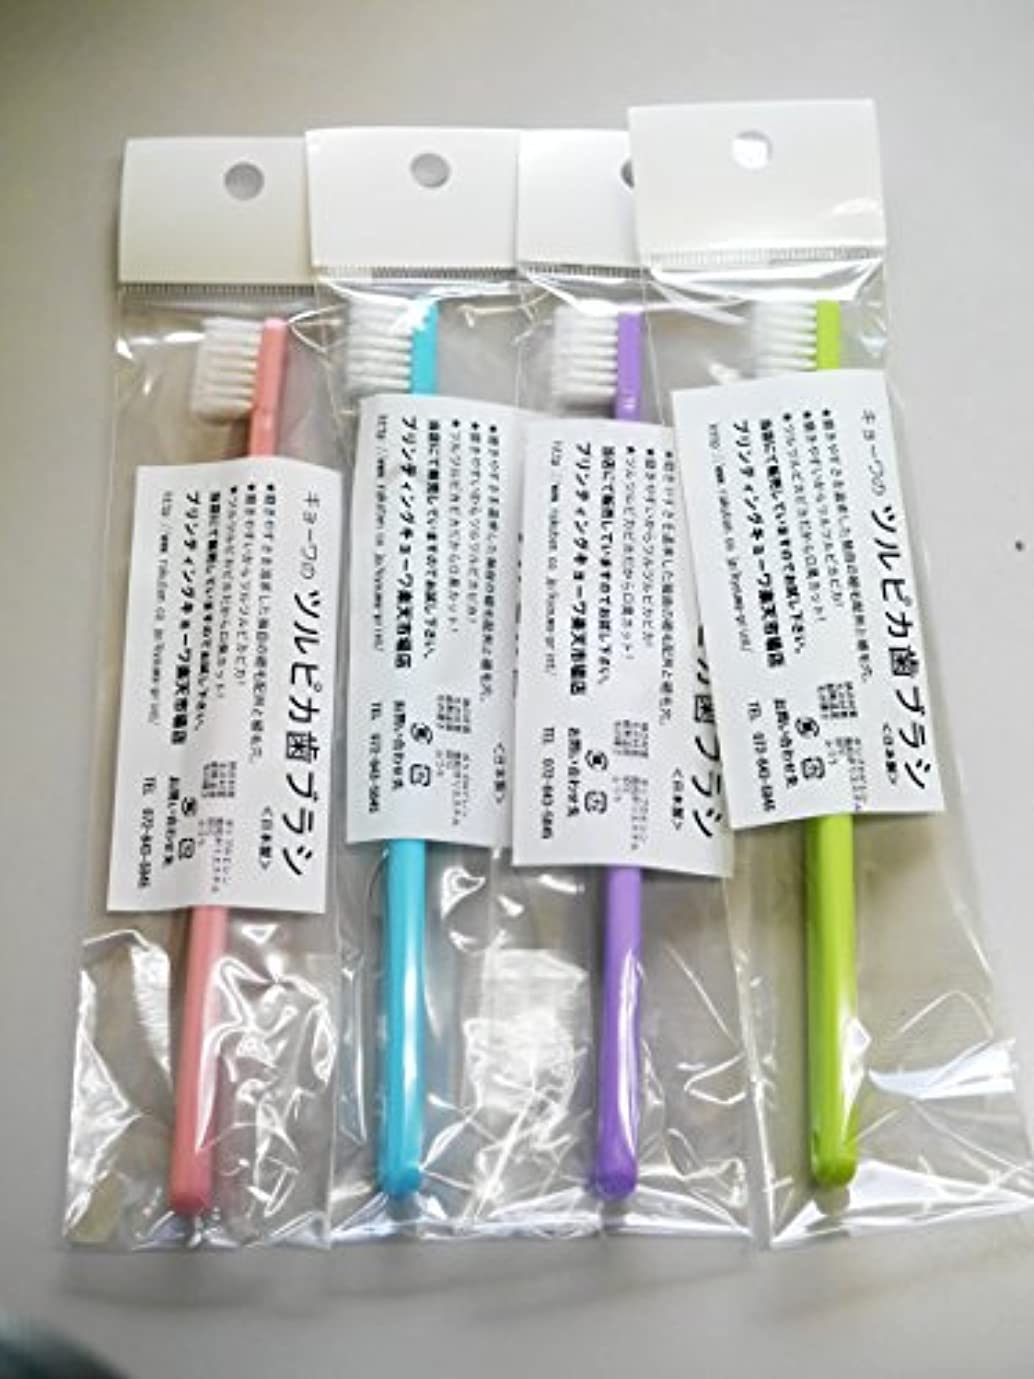 トレイル金貸しめまいが【株式会社キョーワ】 日本製 キョーワのツルピカ歯ブラシ4本セット (4色×1本)